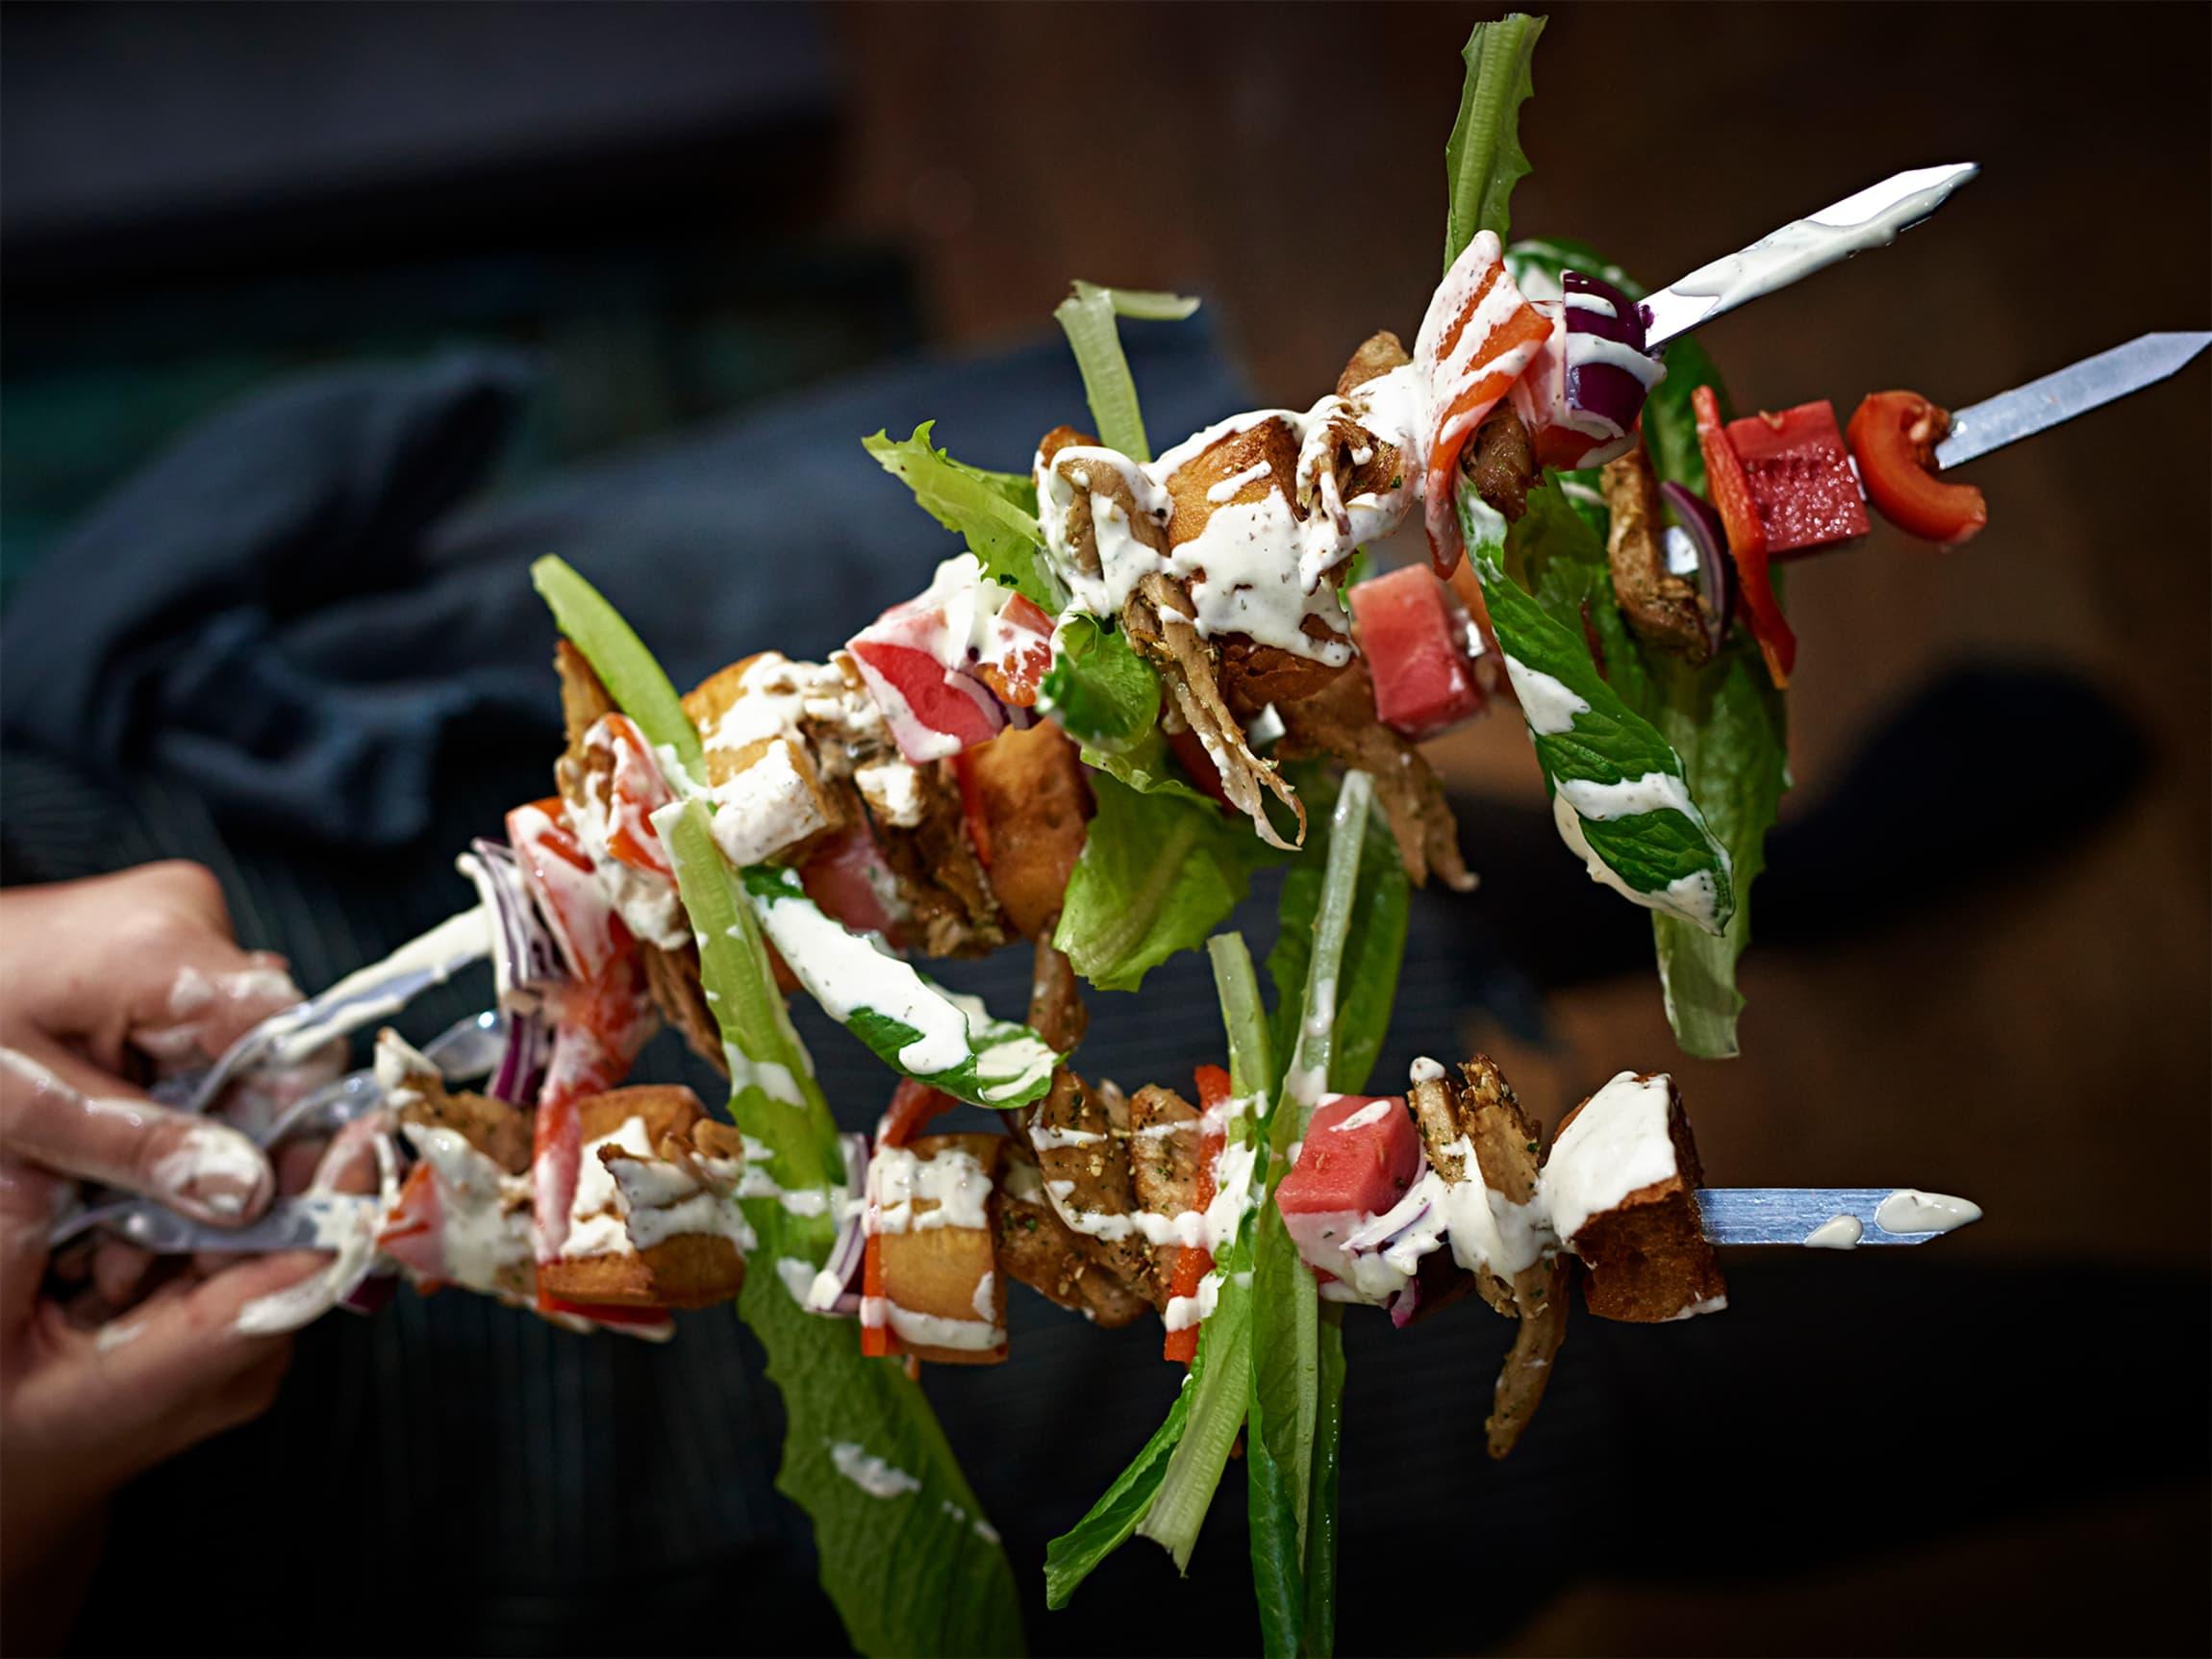 Ha på det du liker, og ha gjerne på Oumph! kjøtterstatning. En god saus eller marinade setter prikken over i-en.